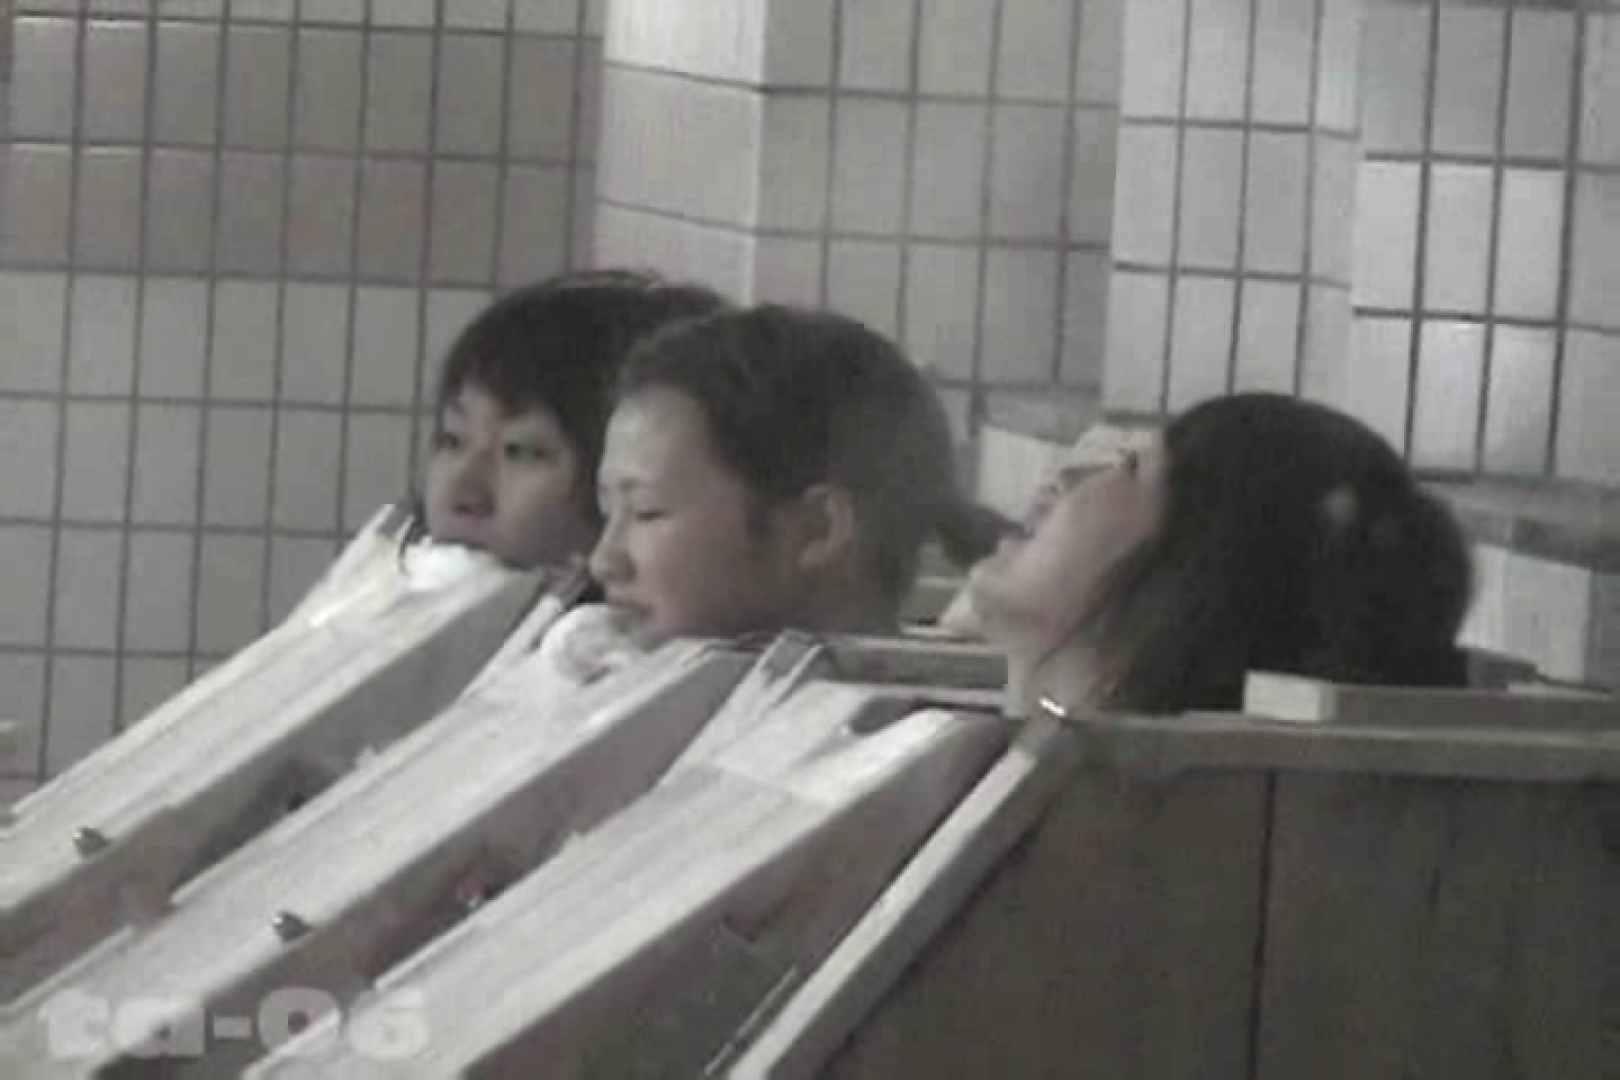 合宿ホテル女風呂盗撮高画質版 Vol.06 盗撮  85pic 83